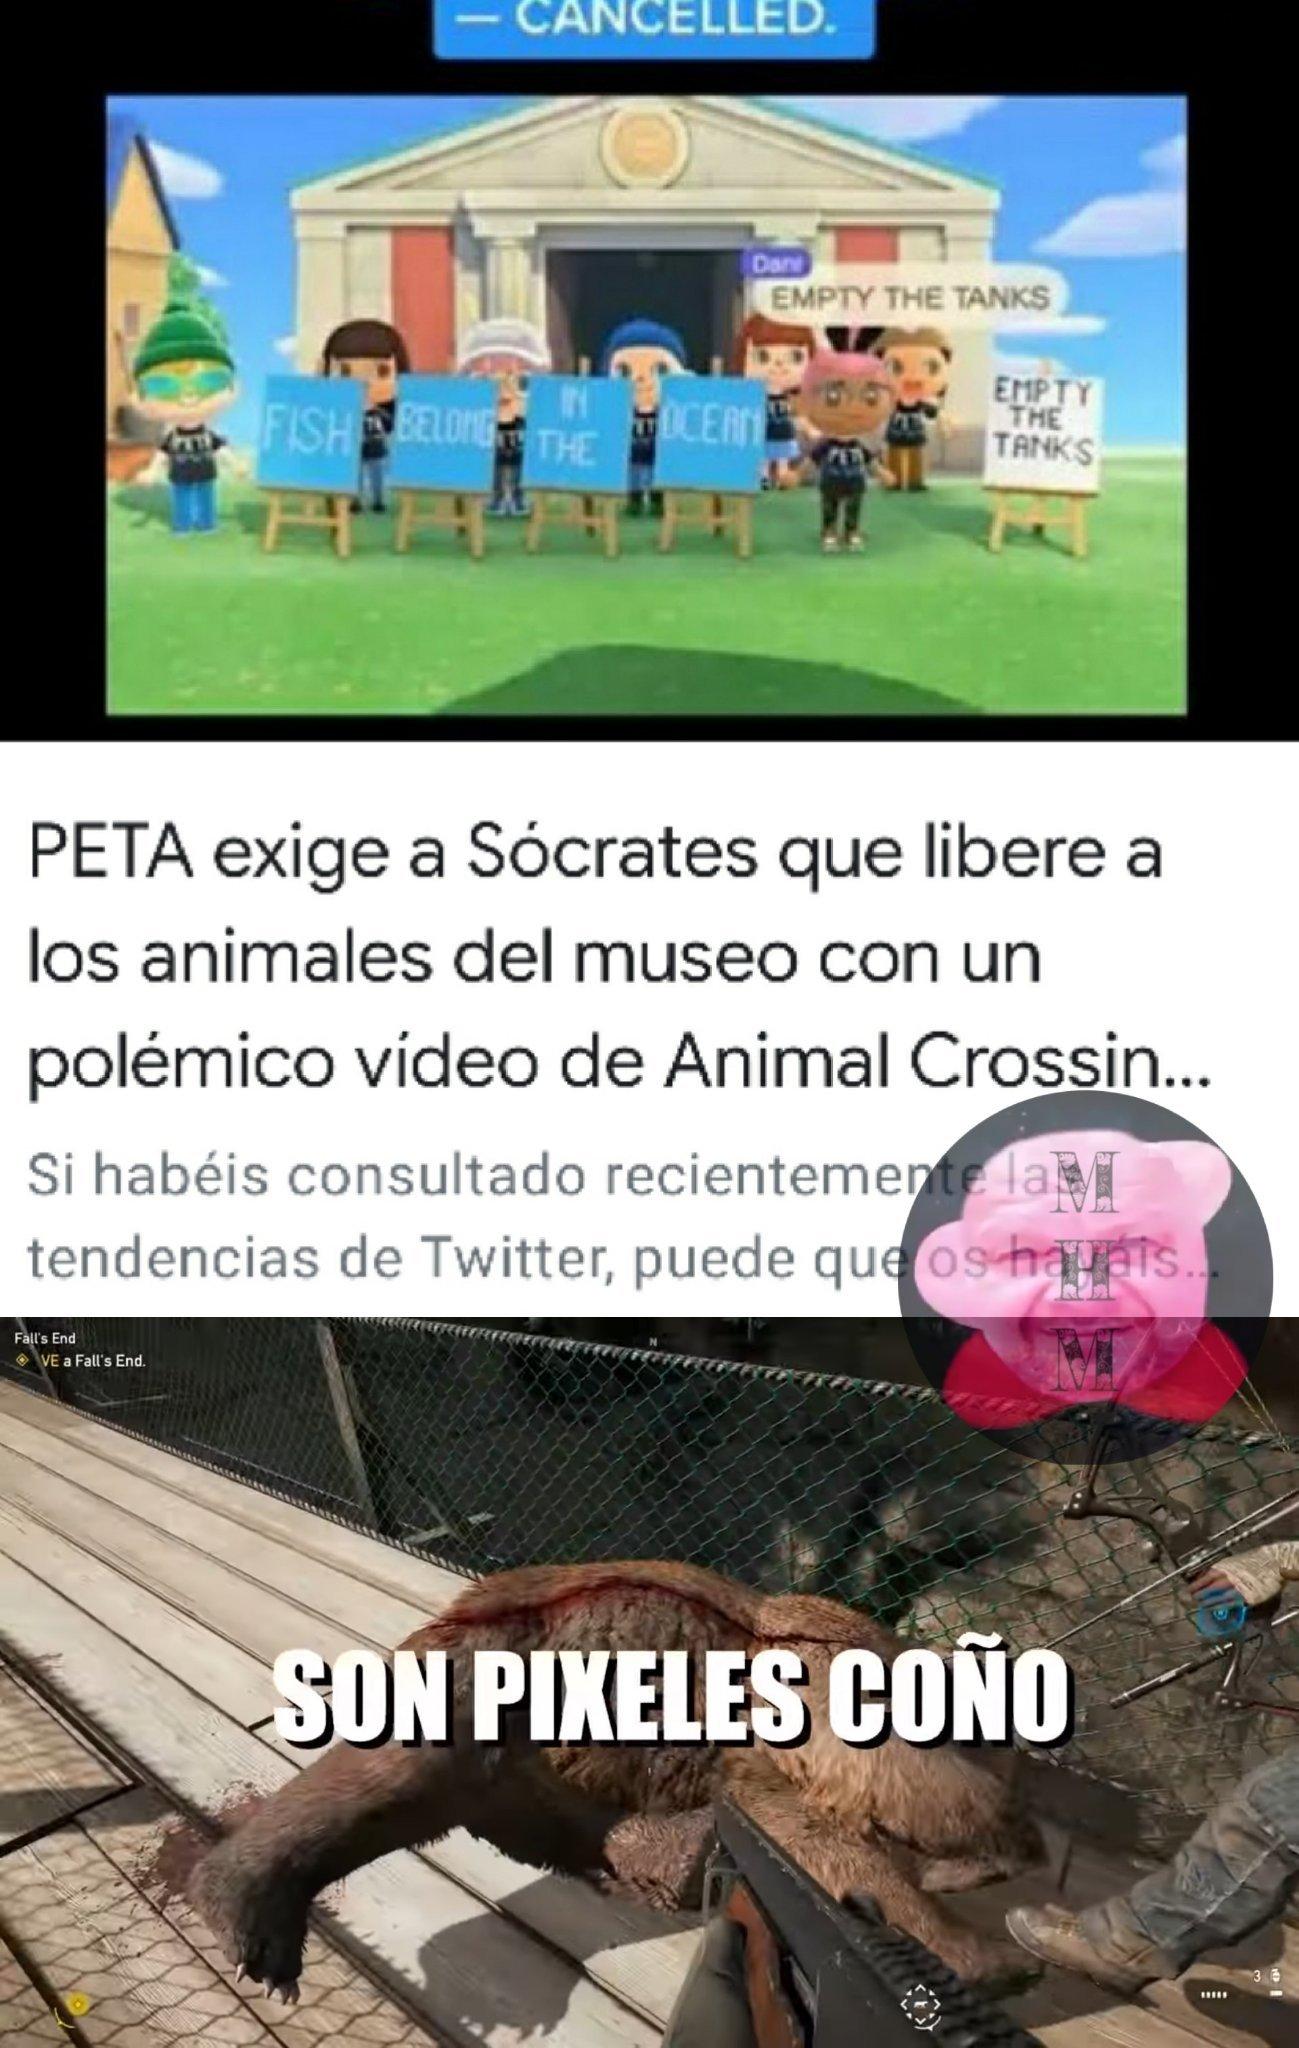 PETA haciendo su trabajo desde el hogar - meme